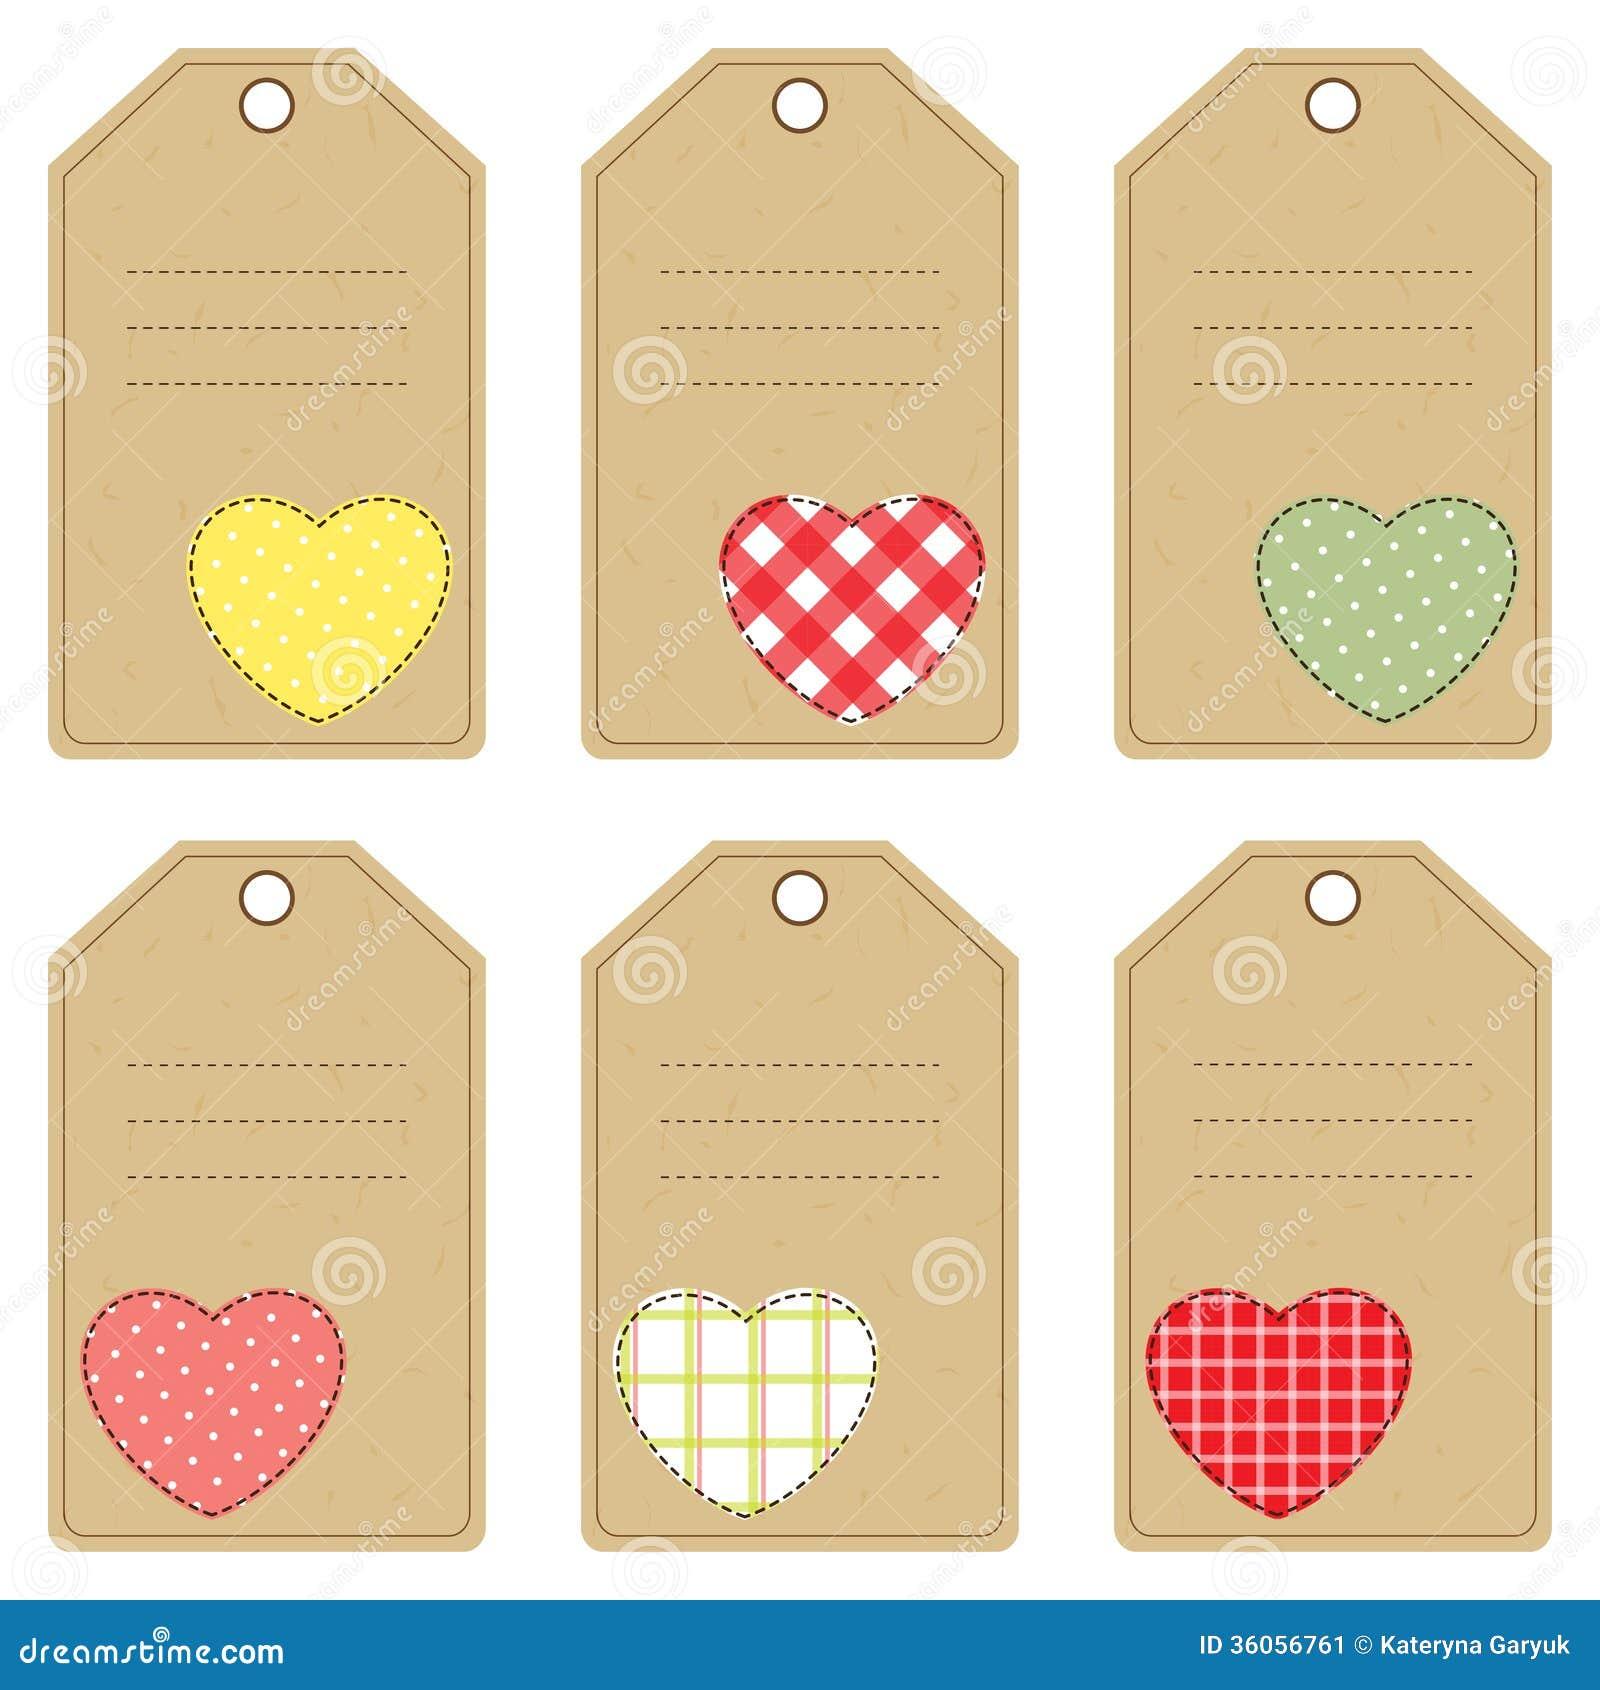 etiquetas del regalo para el día de tarjeta del día de san valentín